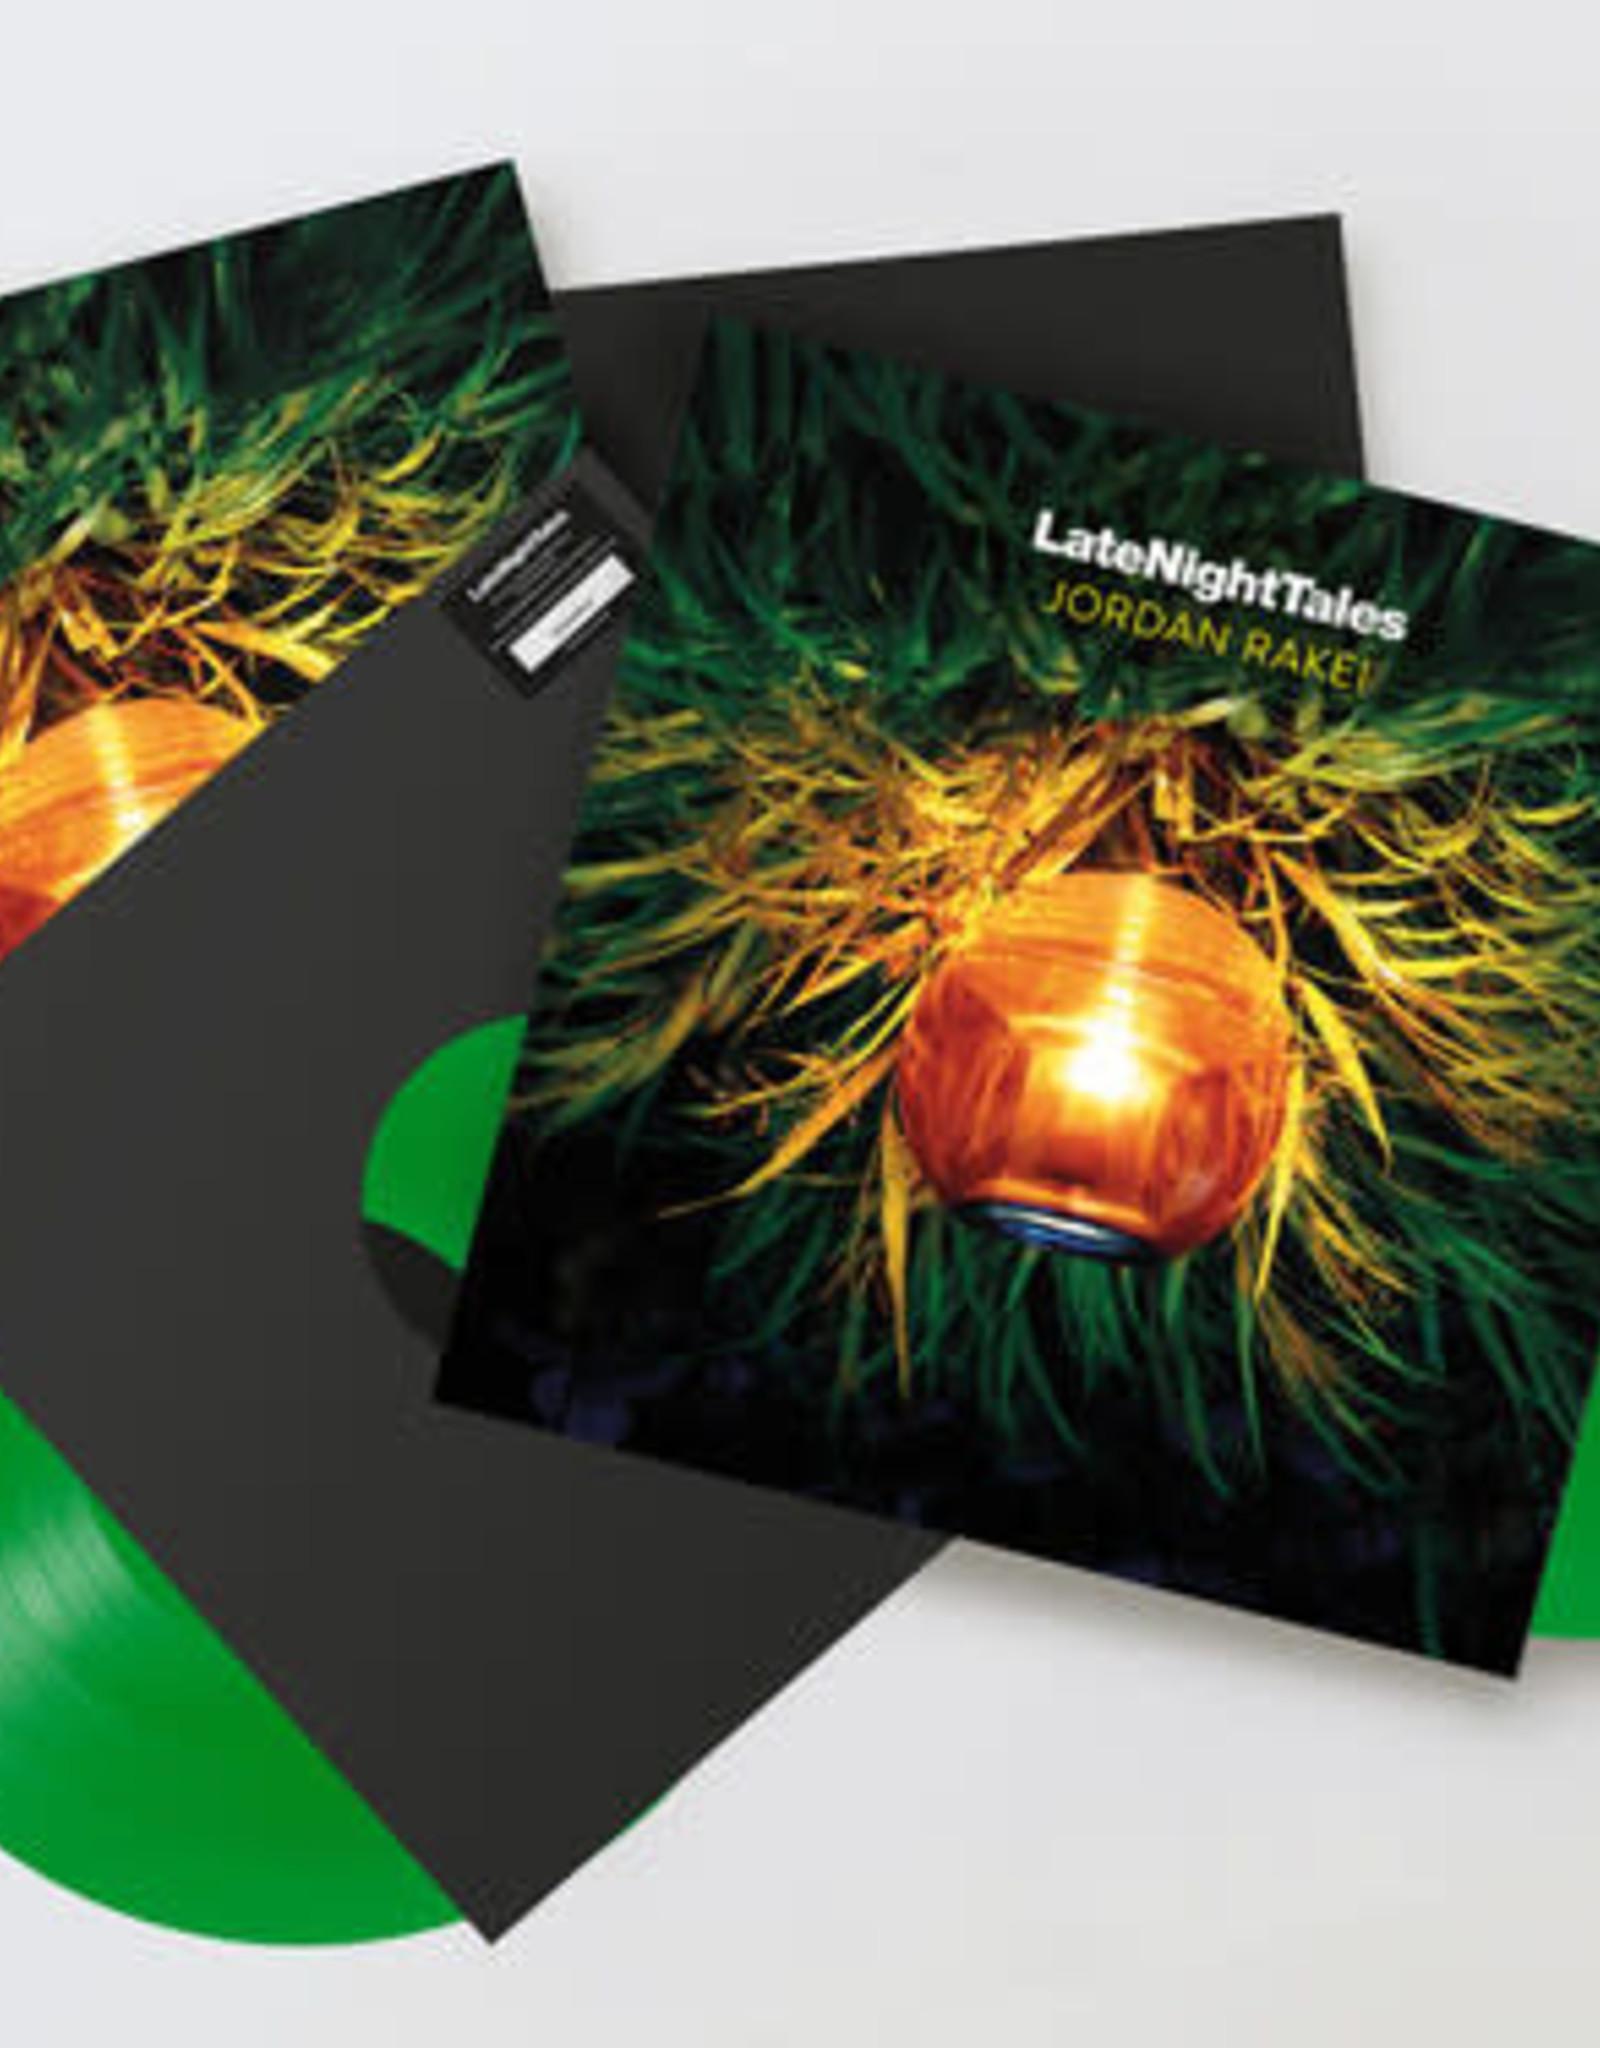 Late Night Tales: Jordan Rakei (Unmixed Green Vinyl)